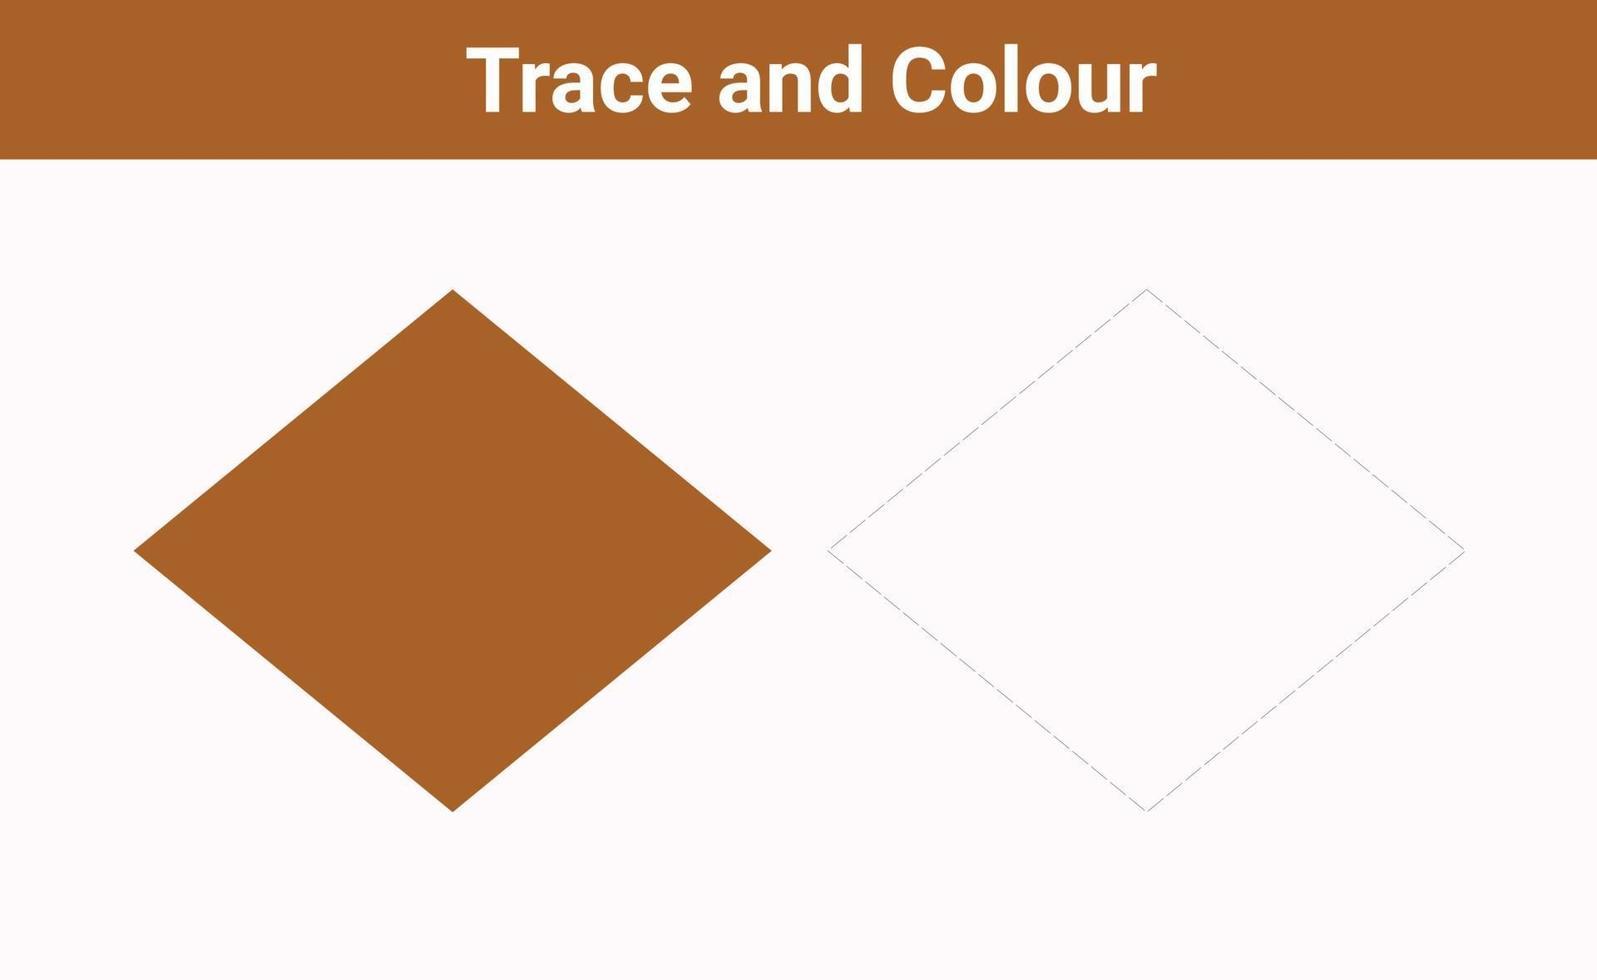 traza y color rombo vector gratis